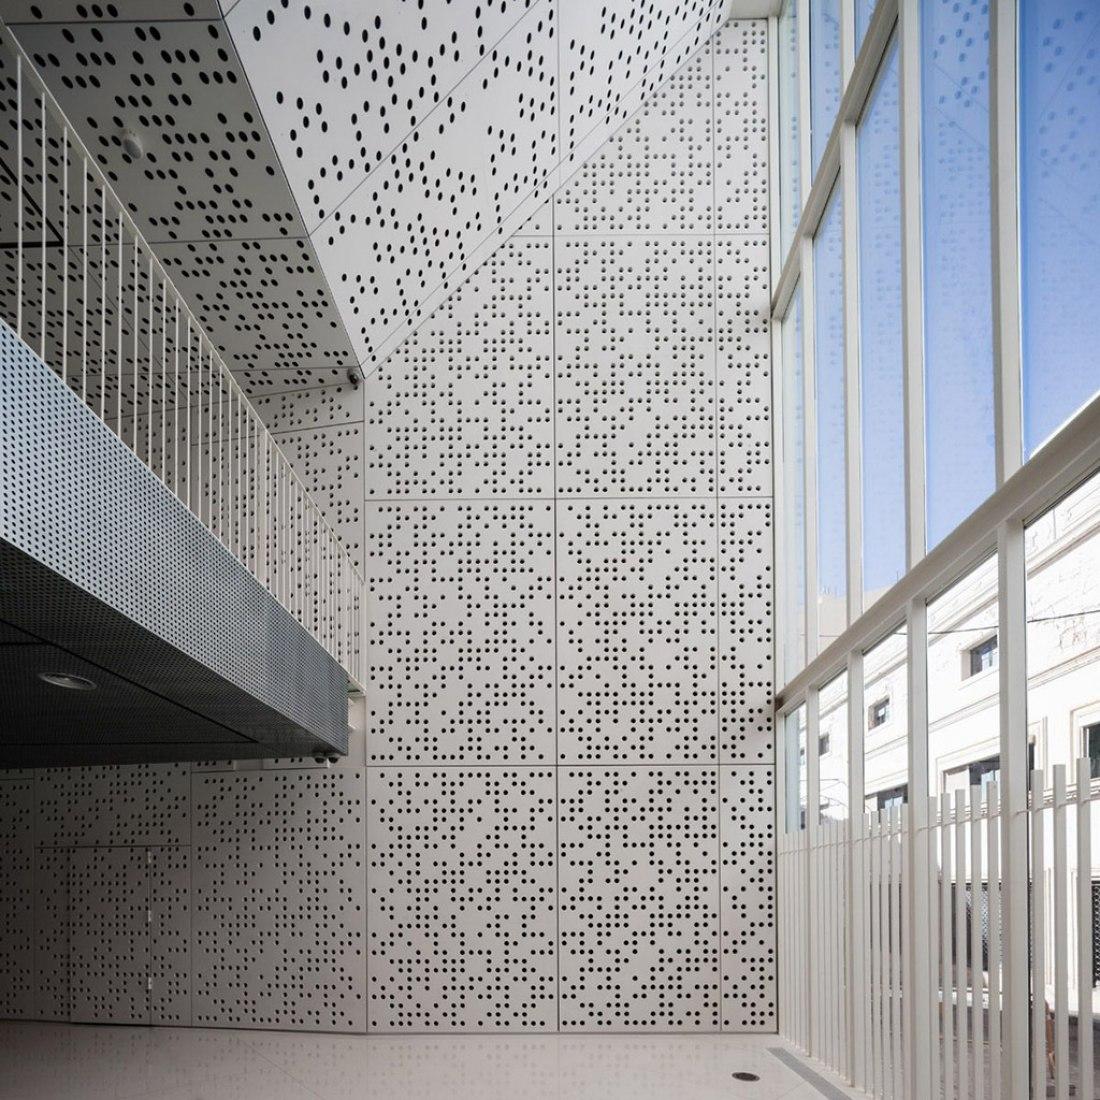 Museo de Bellas Artes (MUBA) por Estudio Arquitectura Hago. Fotografía © Fernando Alda.